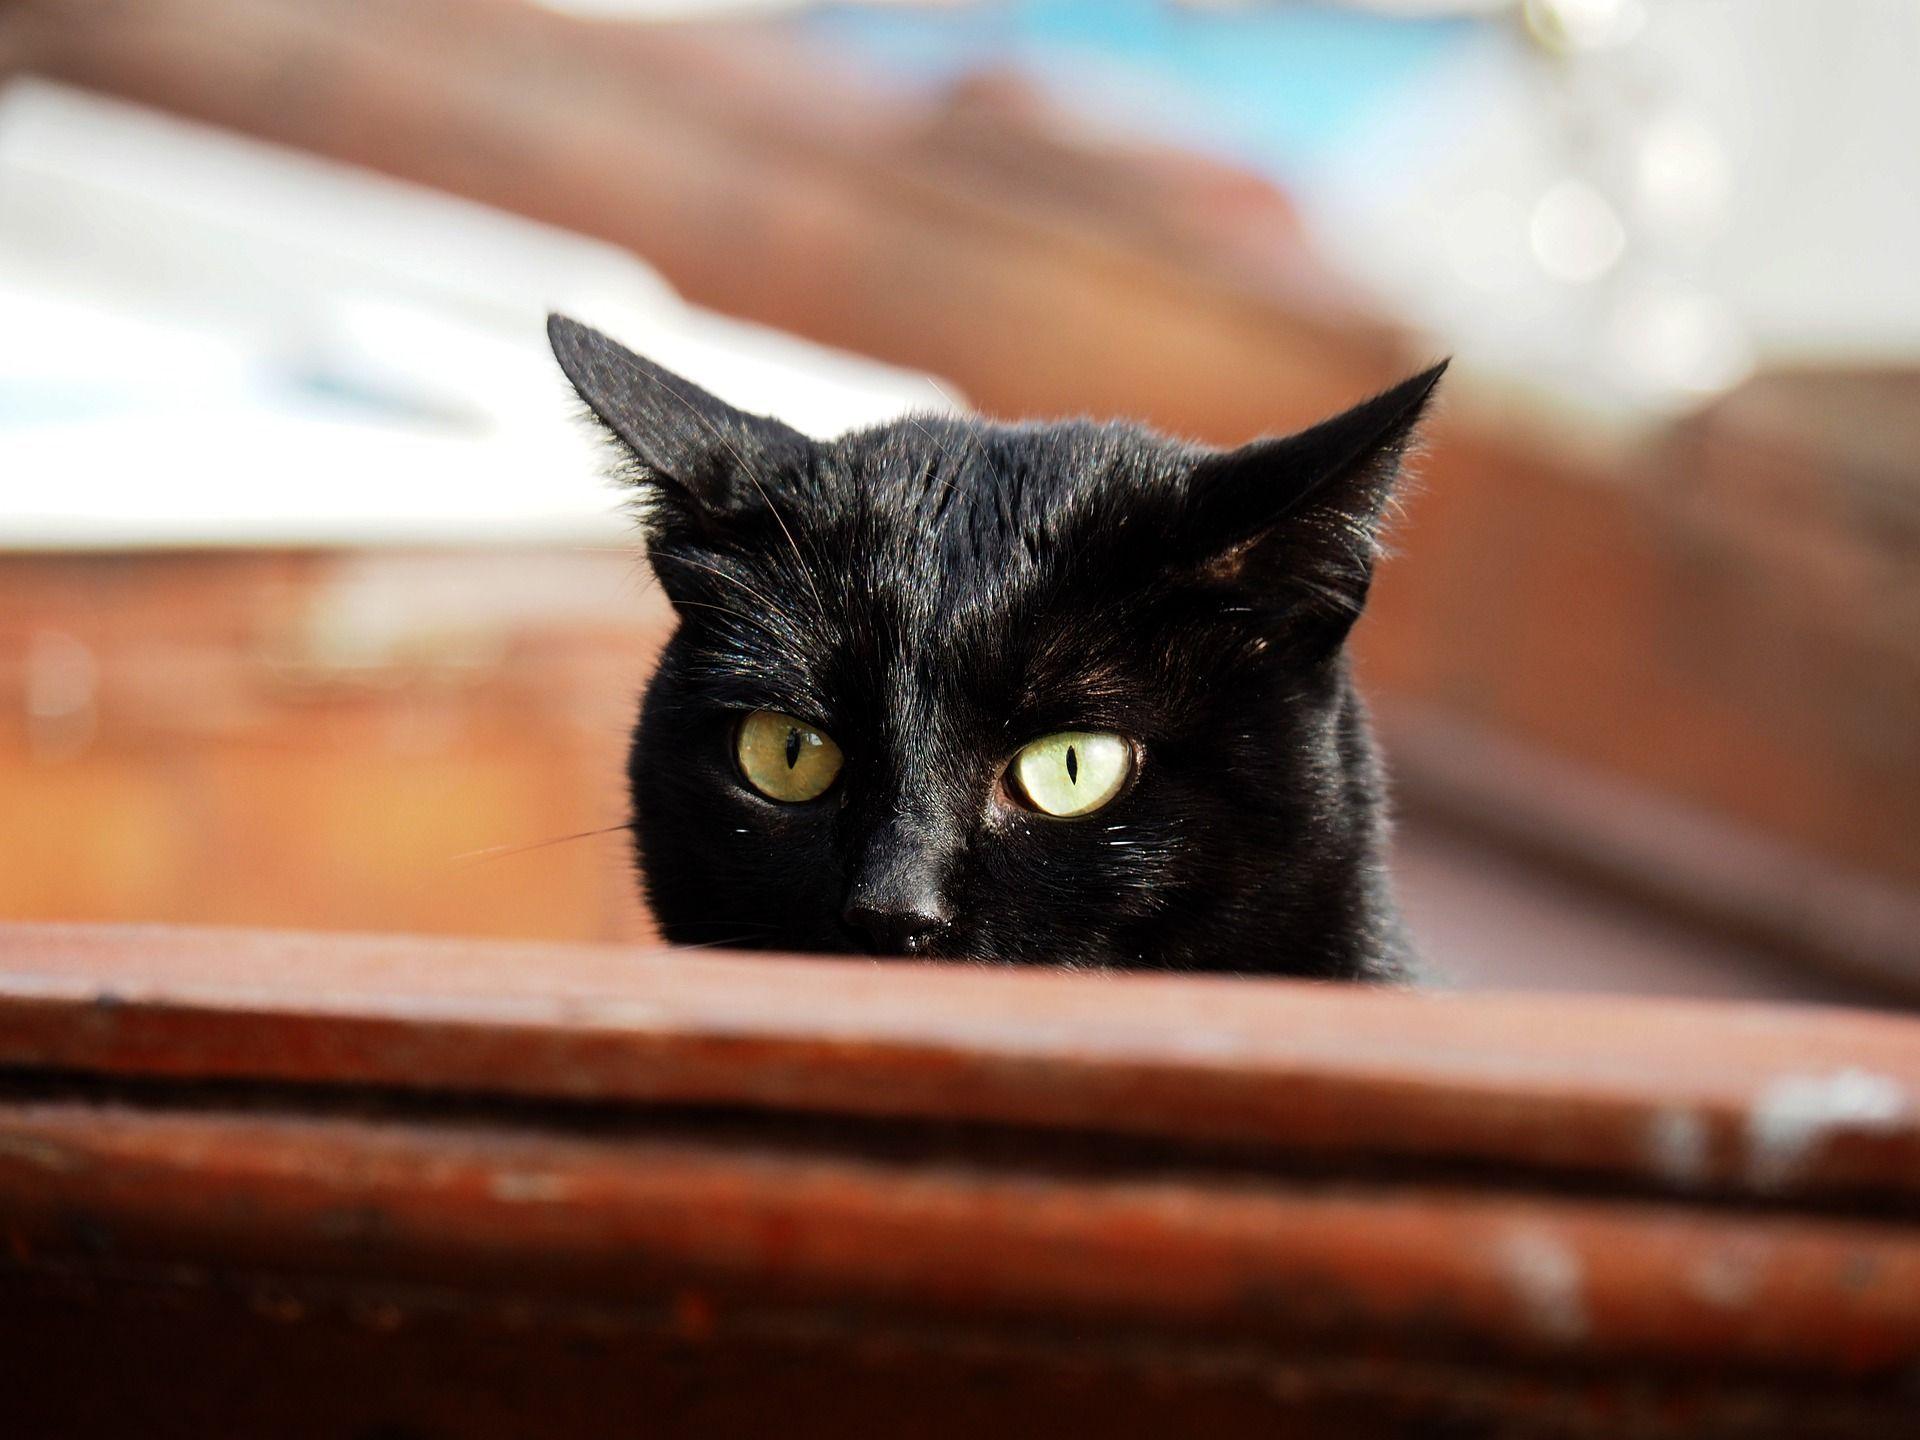 Cute Black Kitty Taking A Peek Cat Kitty Kitten Care